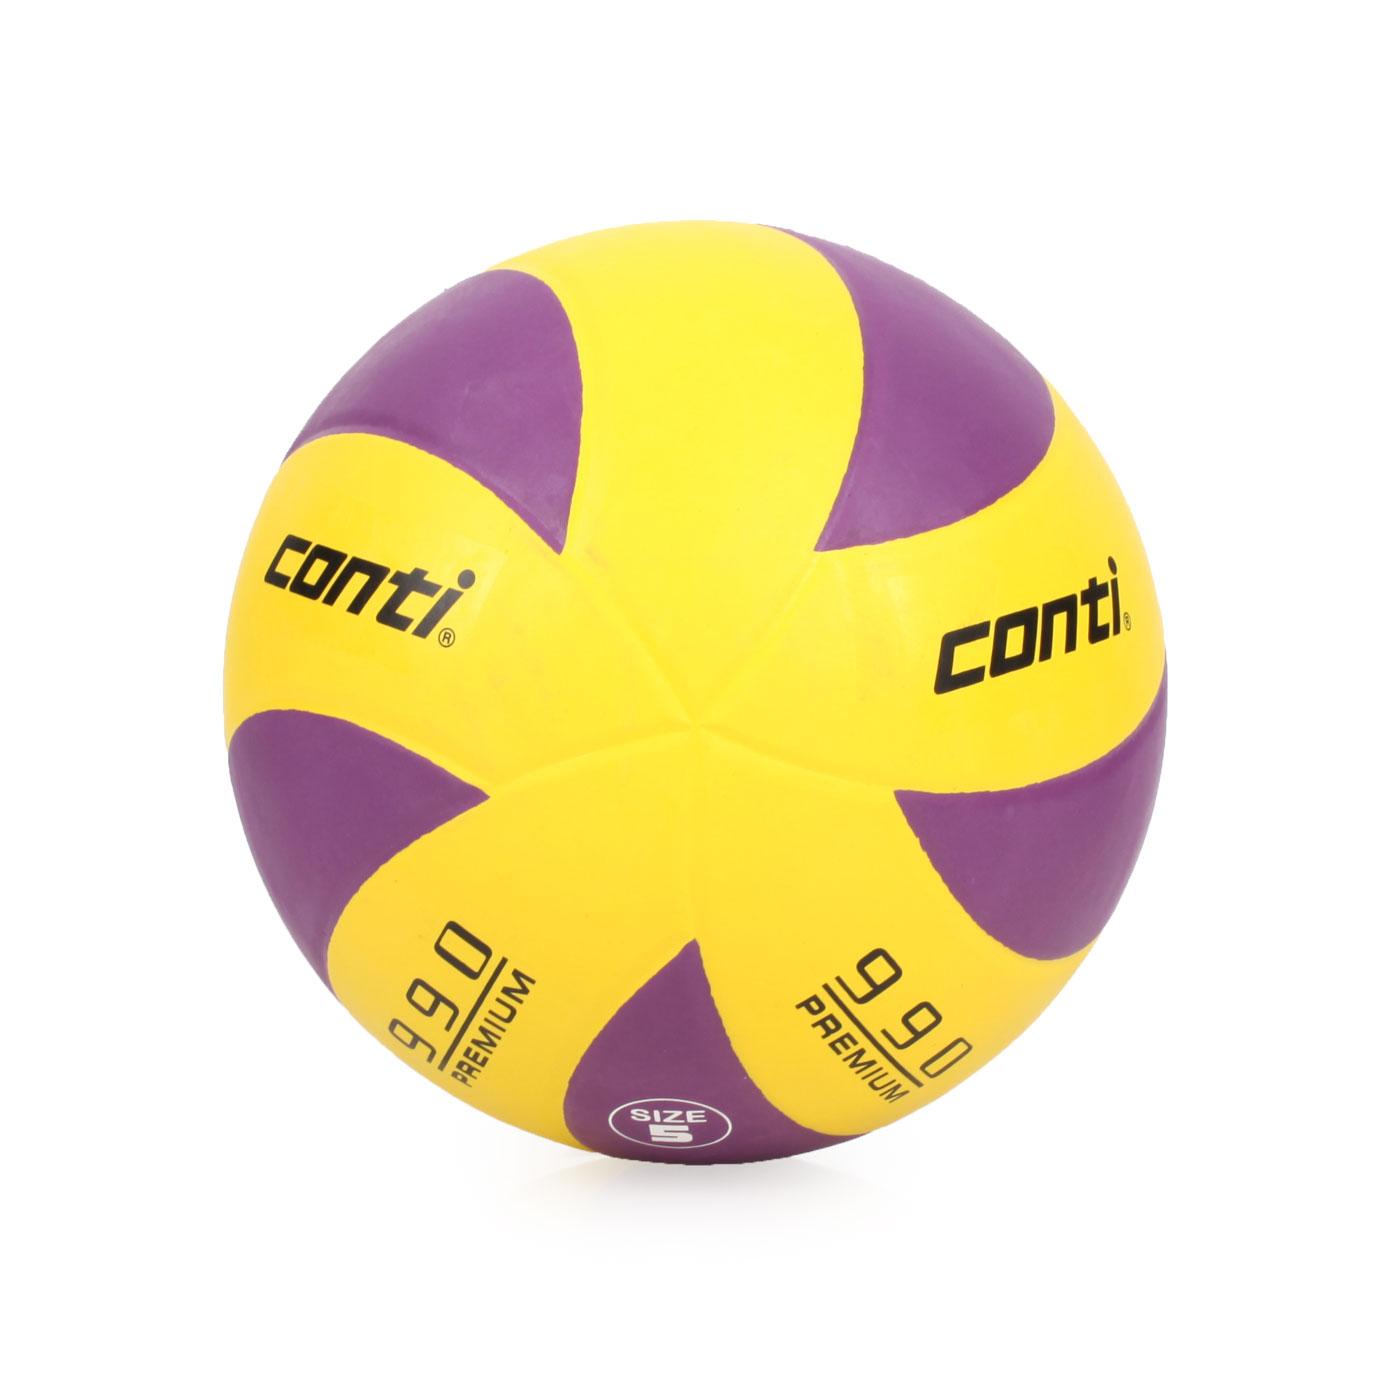 詠冠conti 5號頂級超世代橡膠排球 CONTIV990-5-WBKO - 黃紫